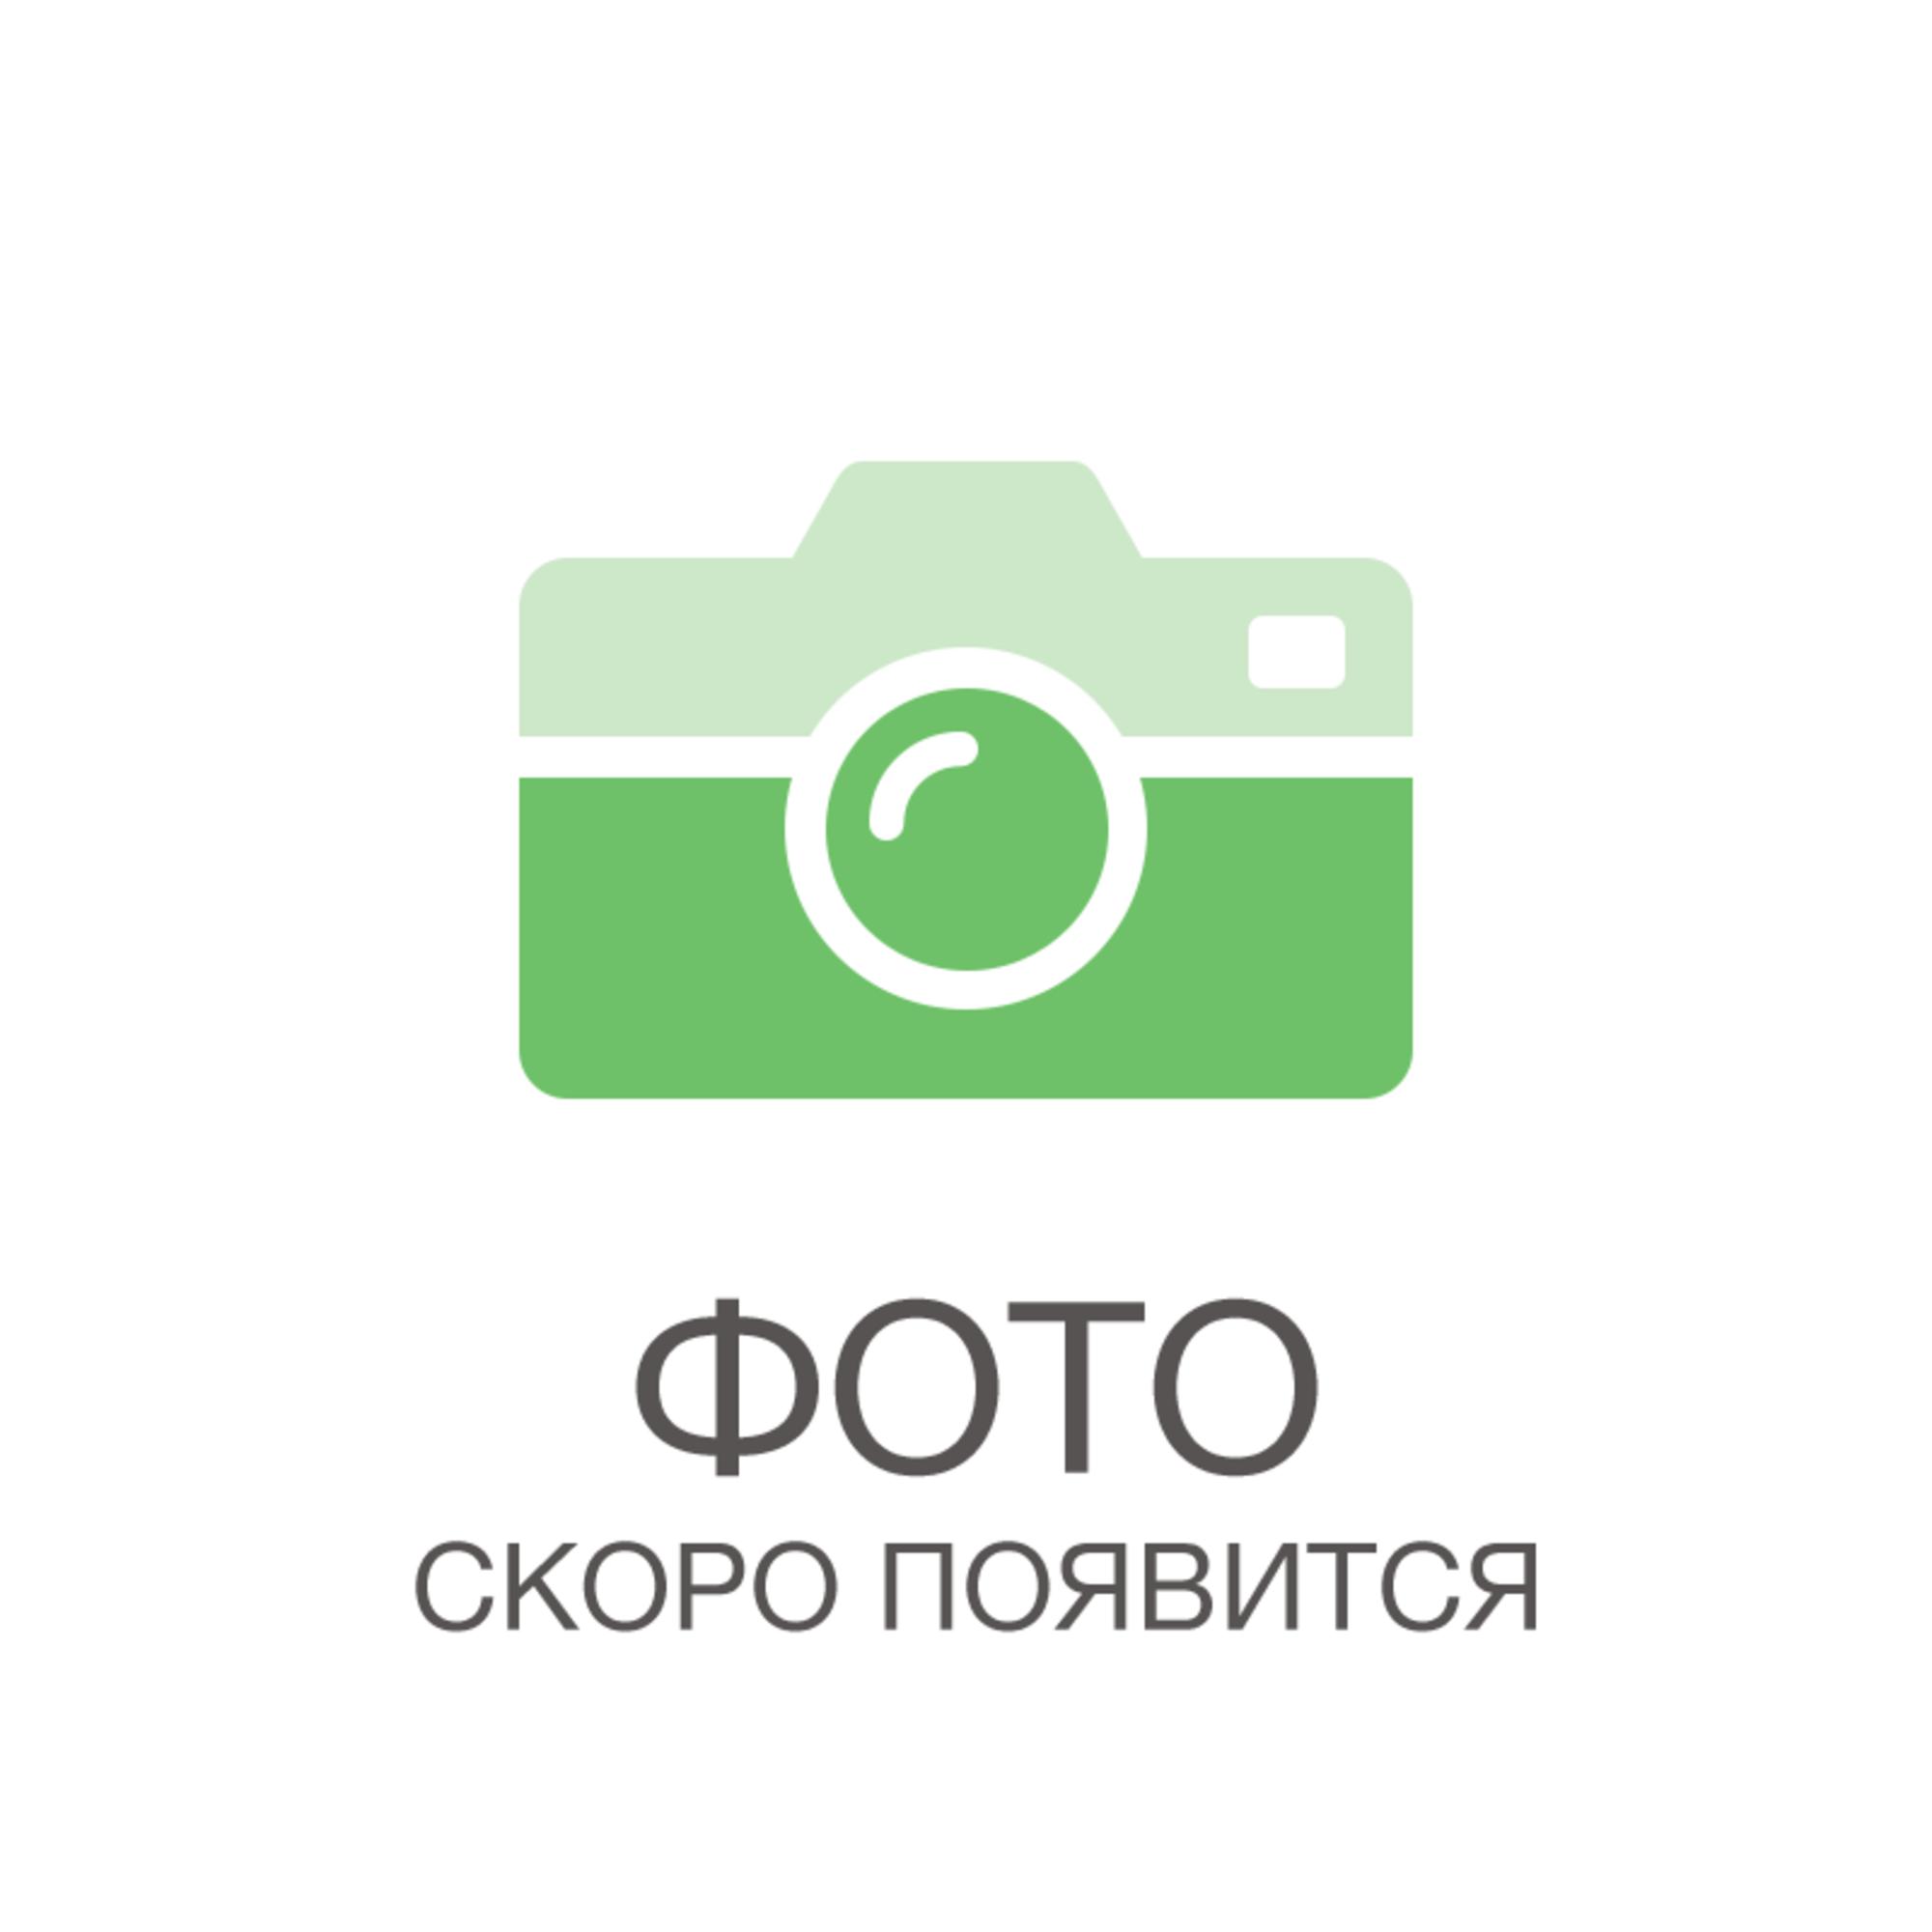 Лампа светодиодная G9 220 В 5 Вт кукуруза 425 лм тёплый белый свет